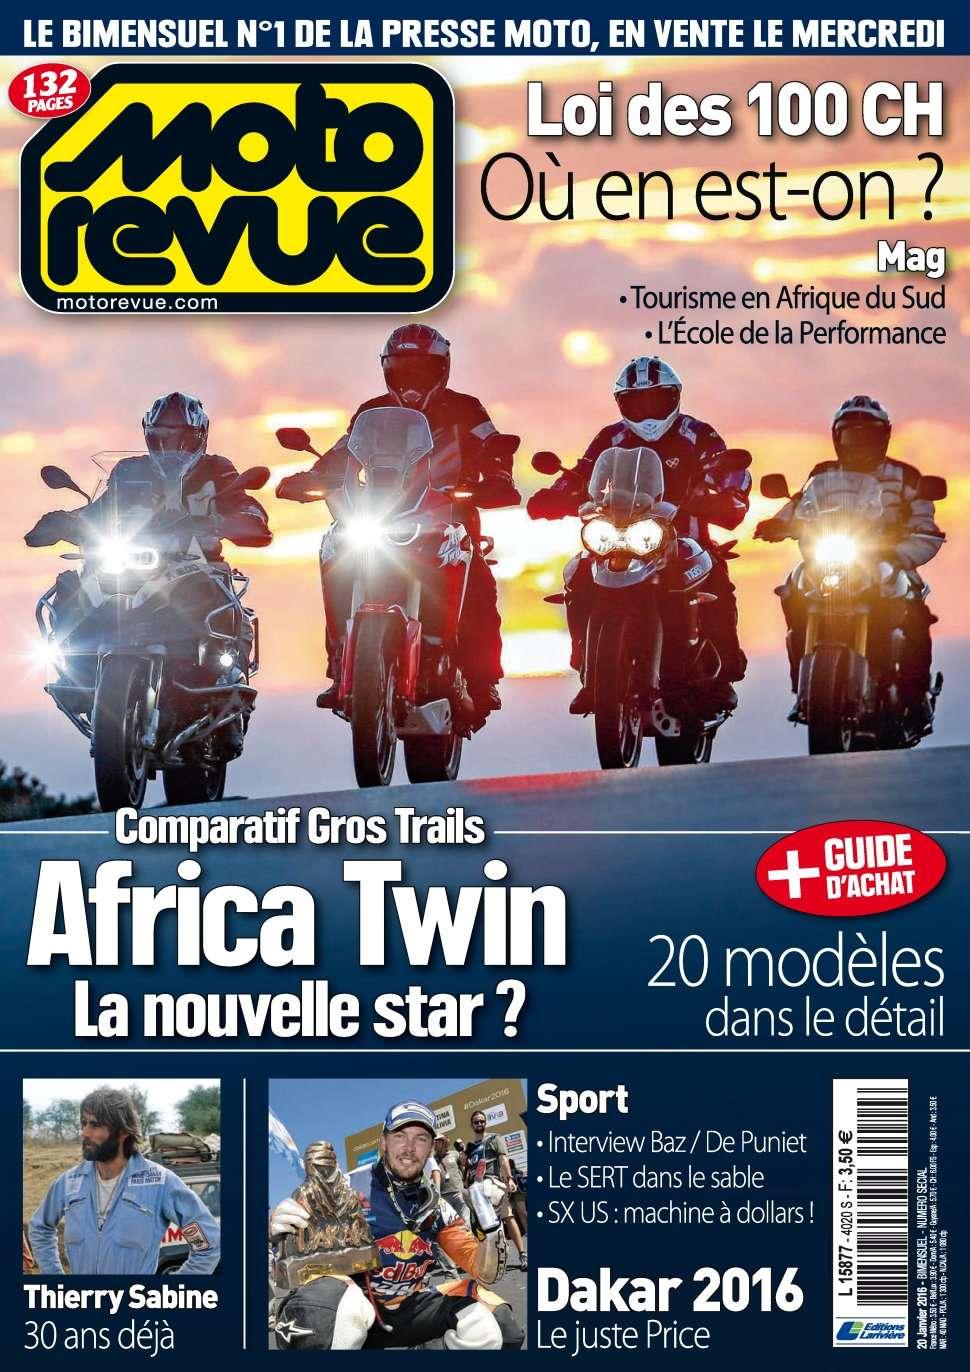 Moto Revue 4020 - 20 Janvier 2016